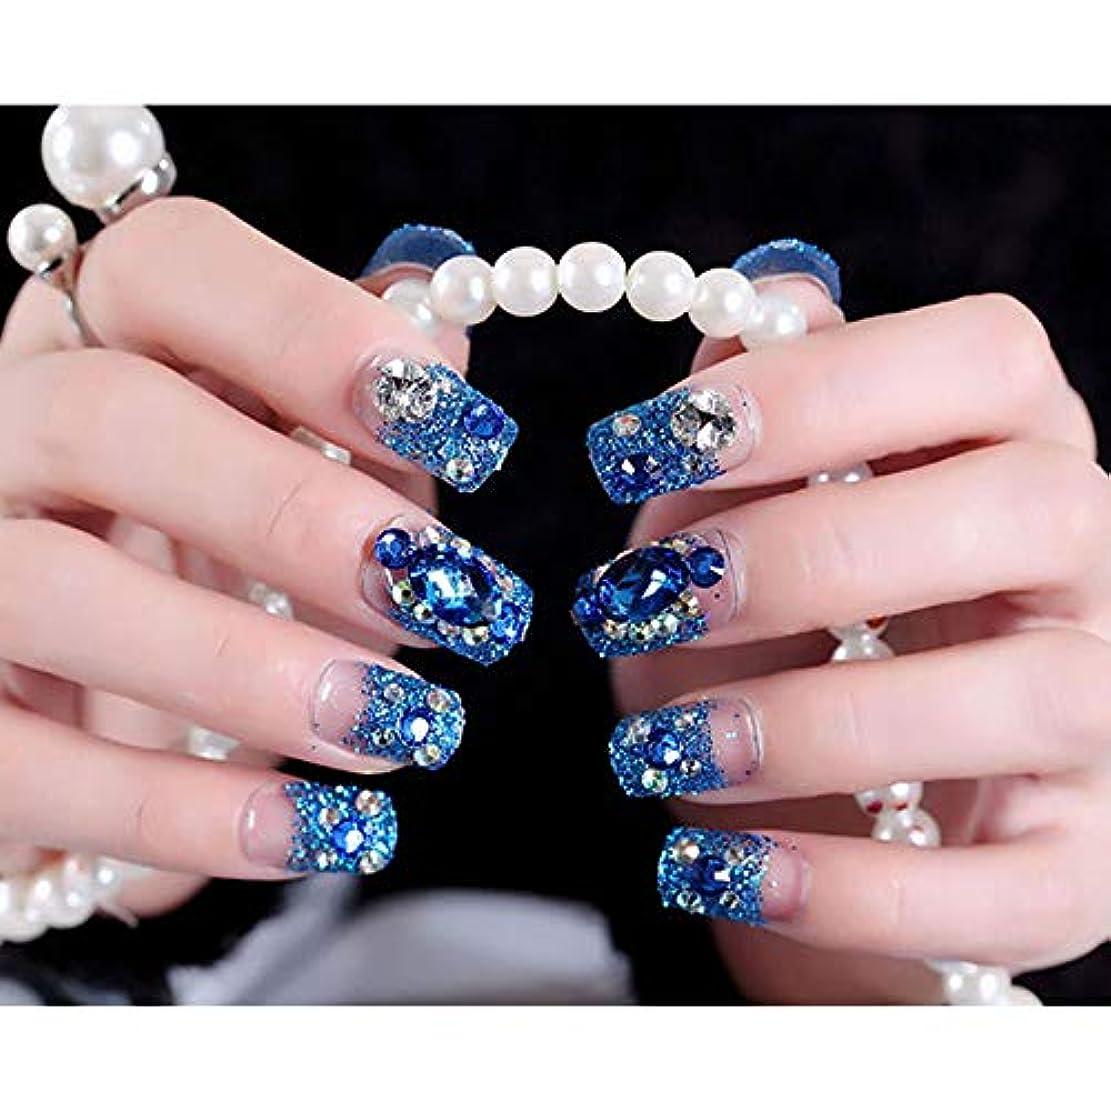 反動器用寄り添うXUTXZKA ラインストーンファッション偽ネイルフルカバー花嫁ネイルアートのヒントと輝く青い色偽ネイル